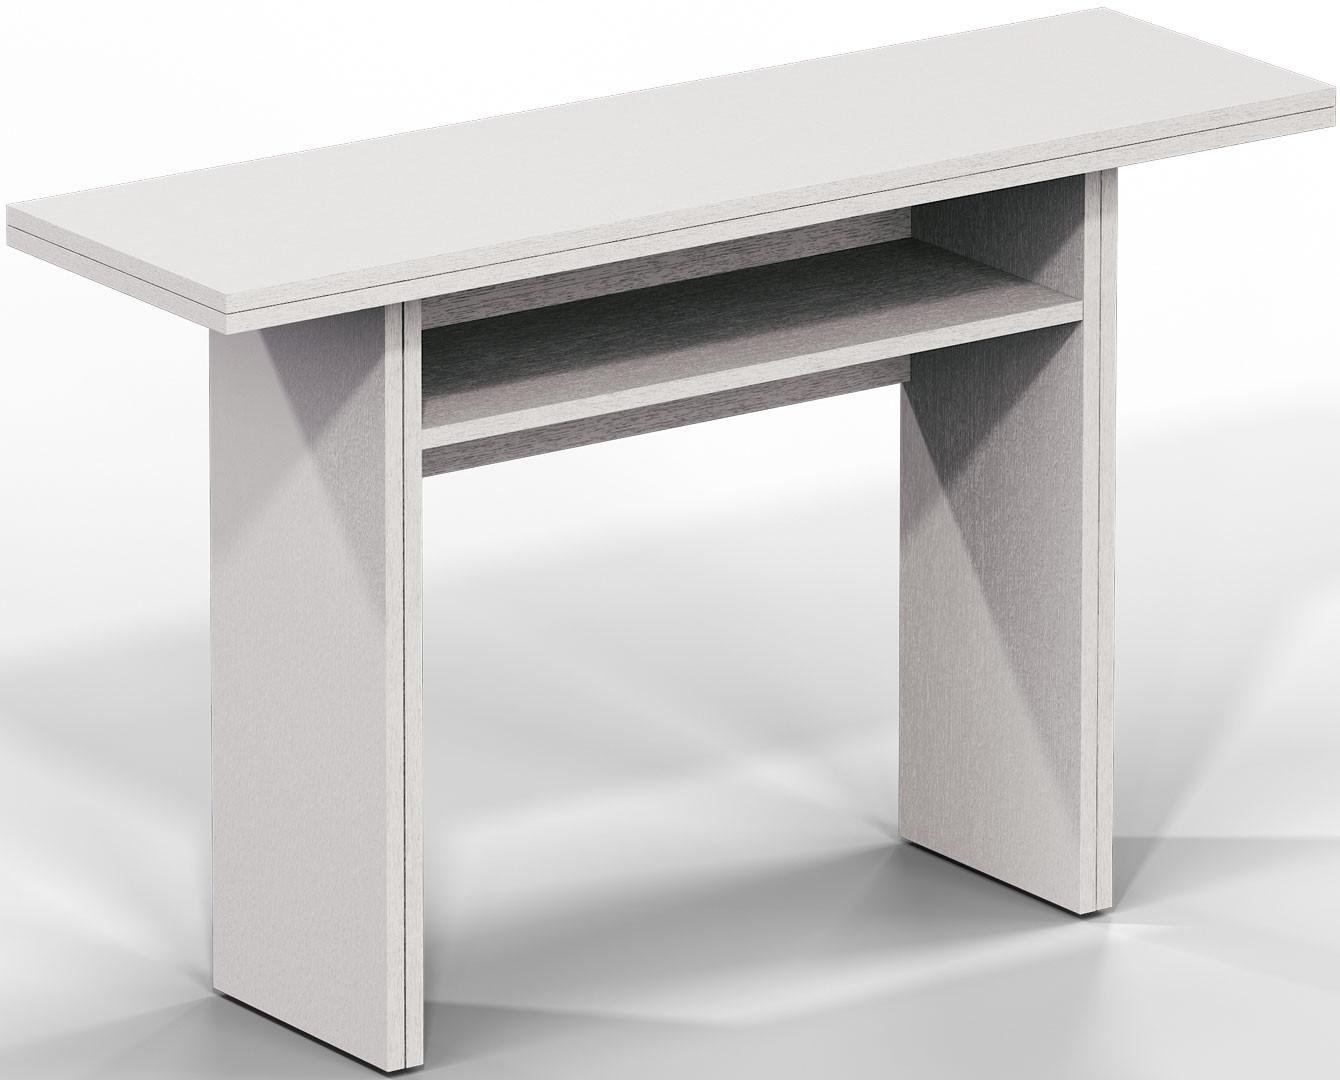 Table console extensible contemporaine en bois Selena